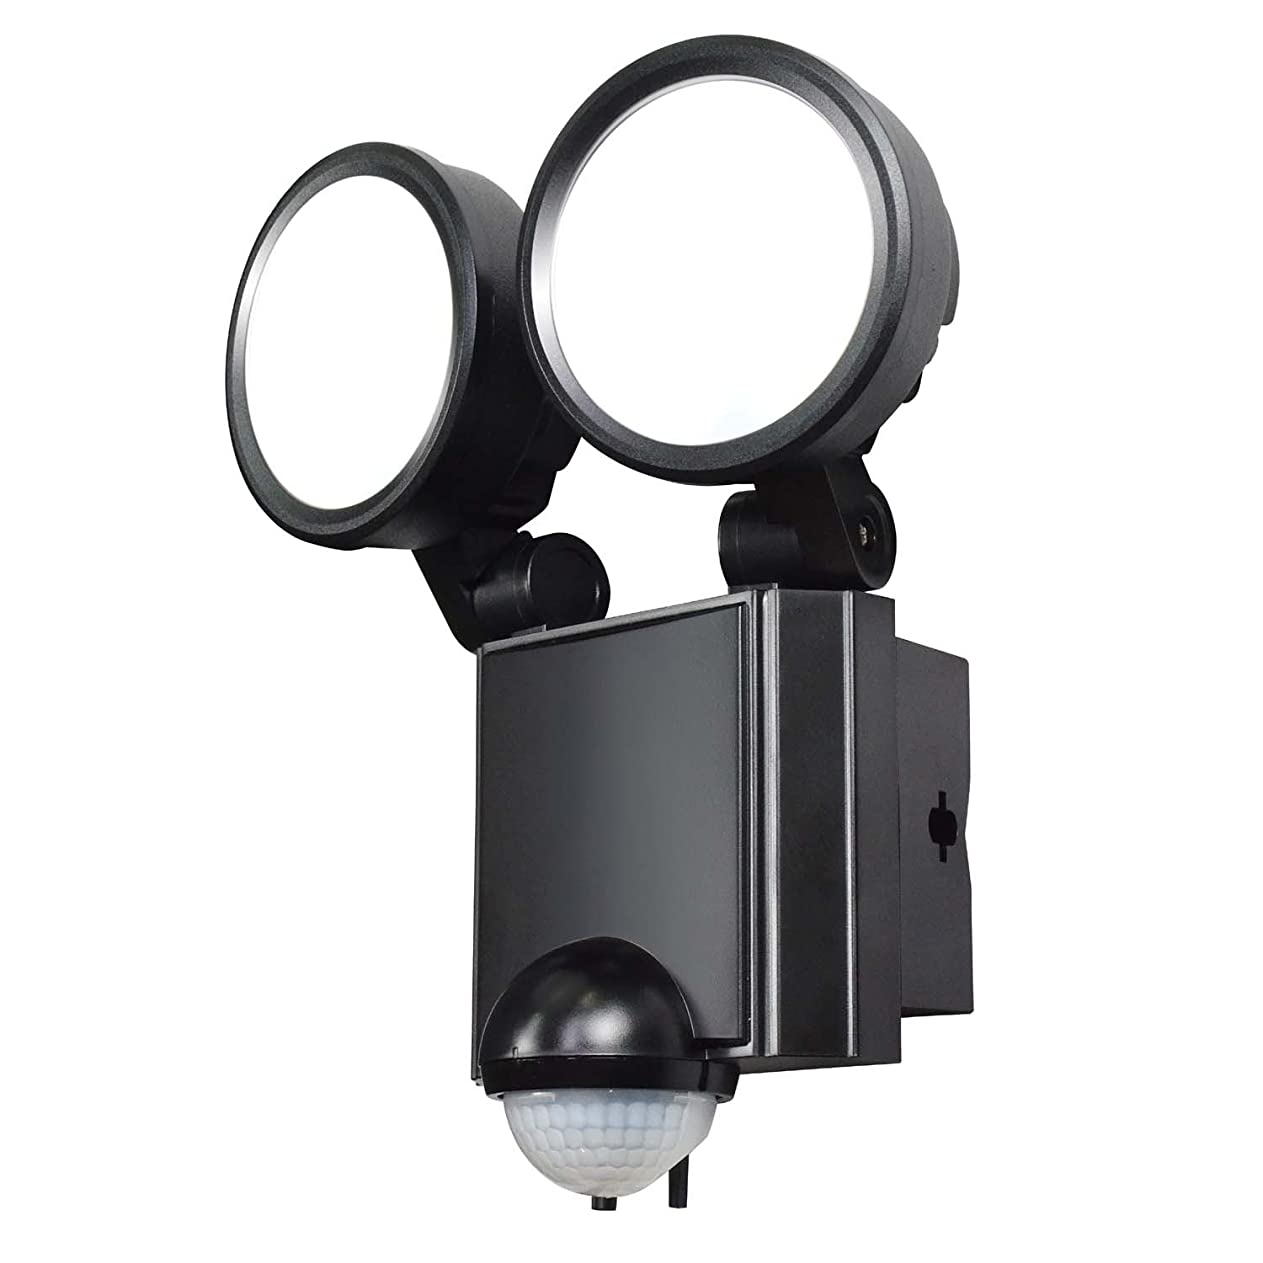 イライラするルネッサンス賛辞ELPA LEDセンサーライト 2灯 ESL-SS802AC ESL-SS802AC